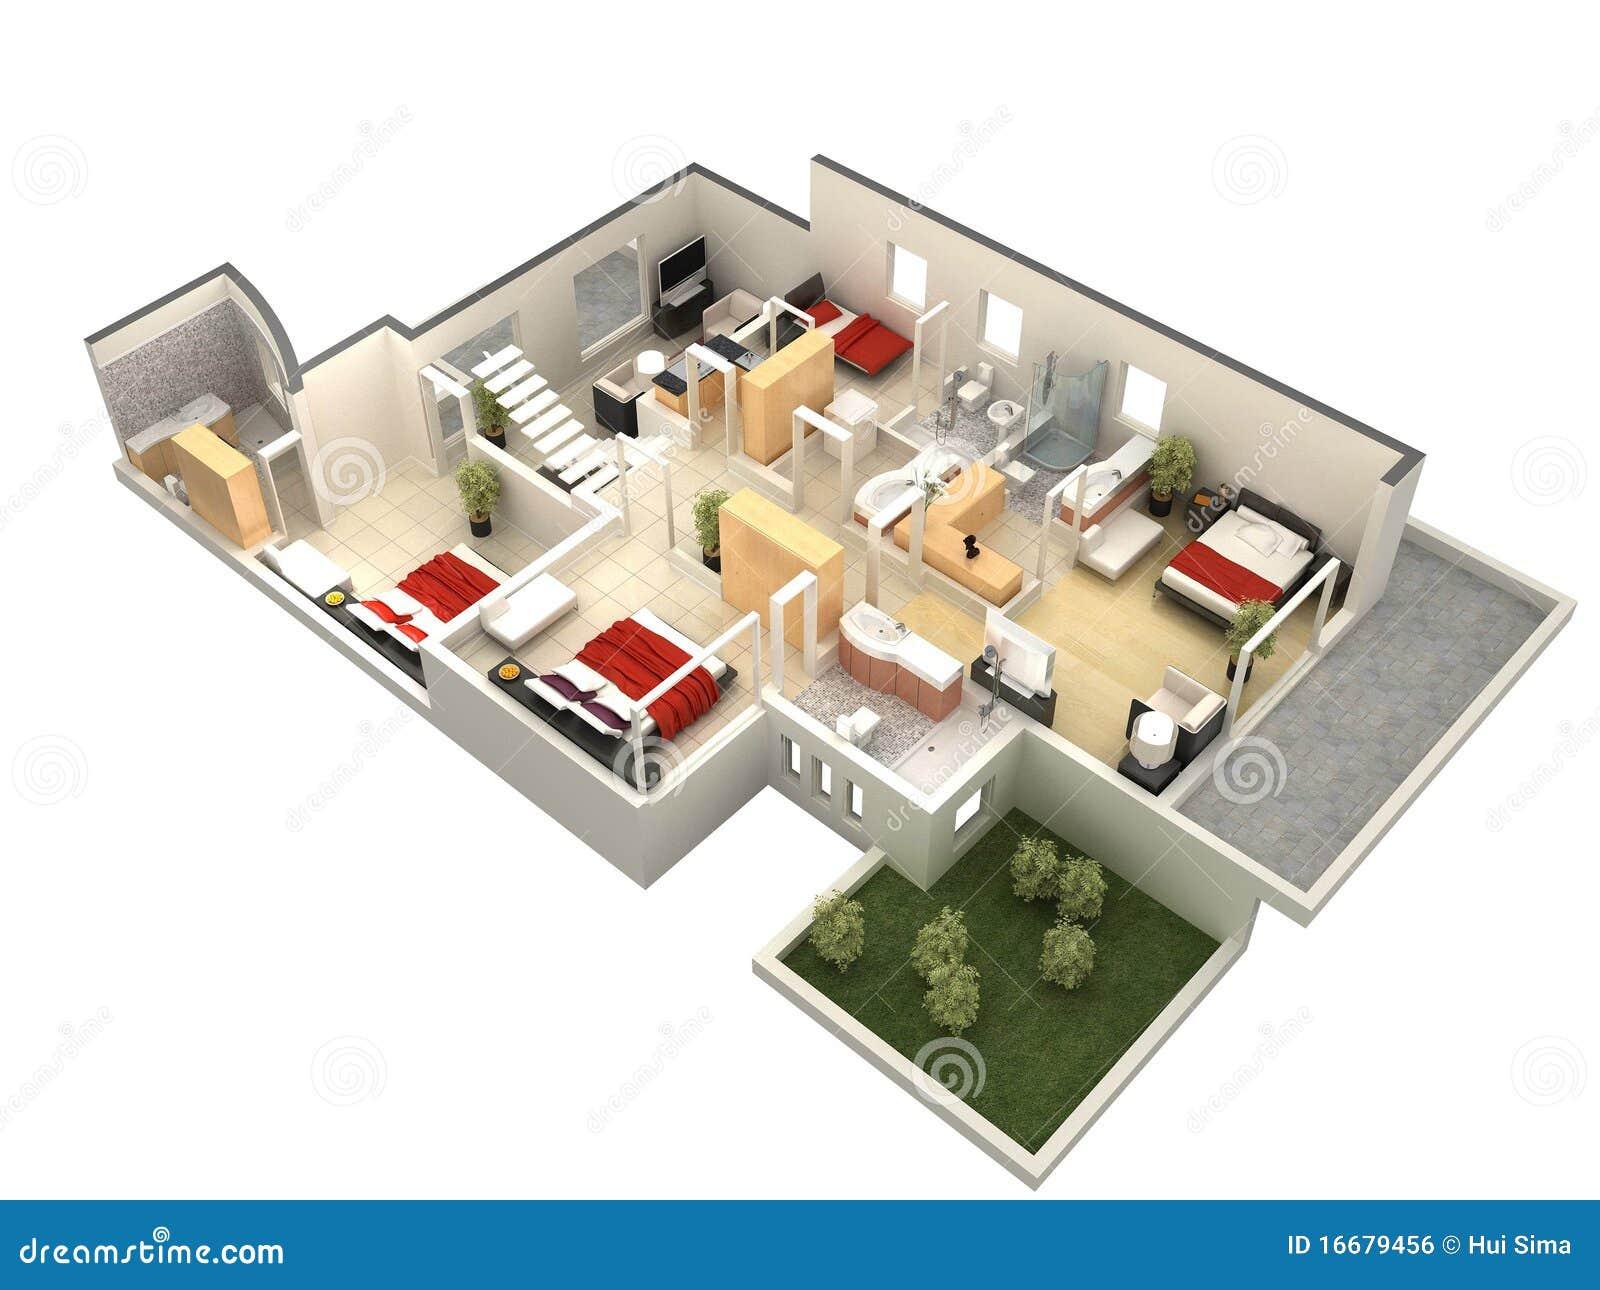 Bien-aimé Plan de l'étage 3D illustration stock. Image du ordinateur - 16679456 RI66